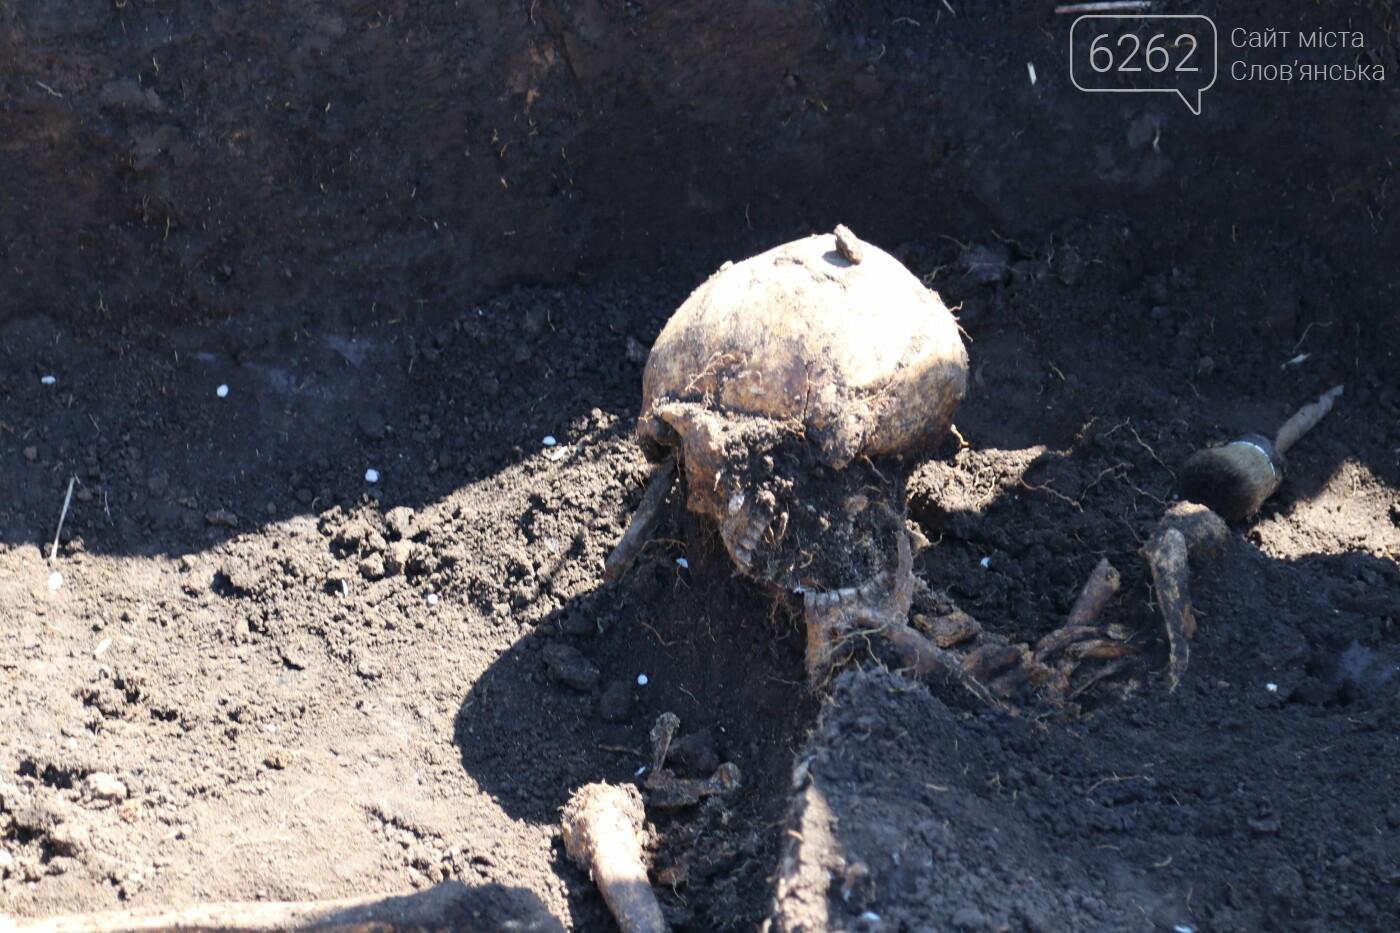 Біля Слов'янська на городі знайшли останки шістьох воїнів Другої світової війни. ФОТО 18+, фото-14